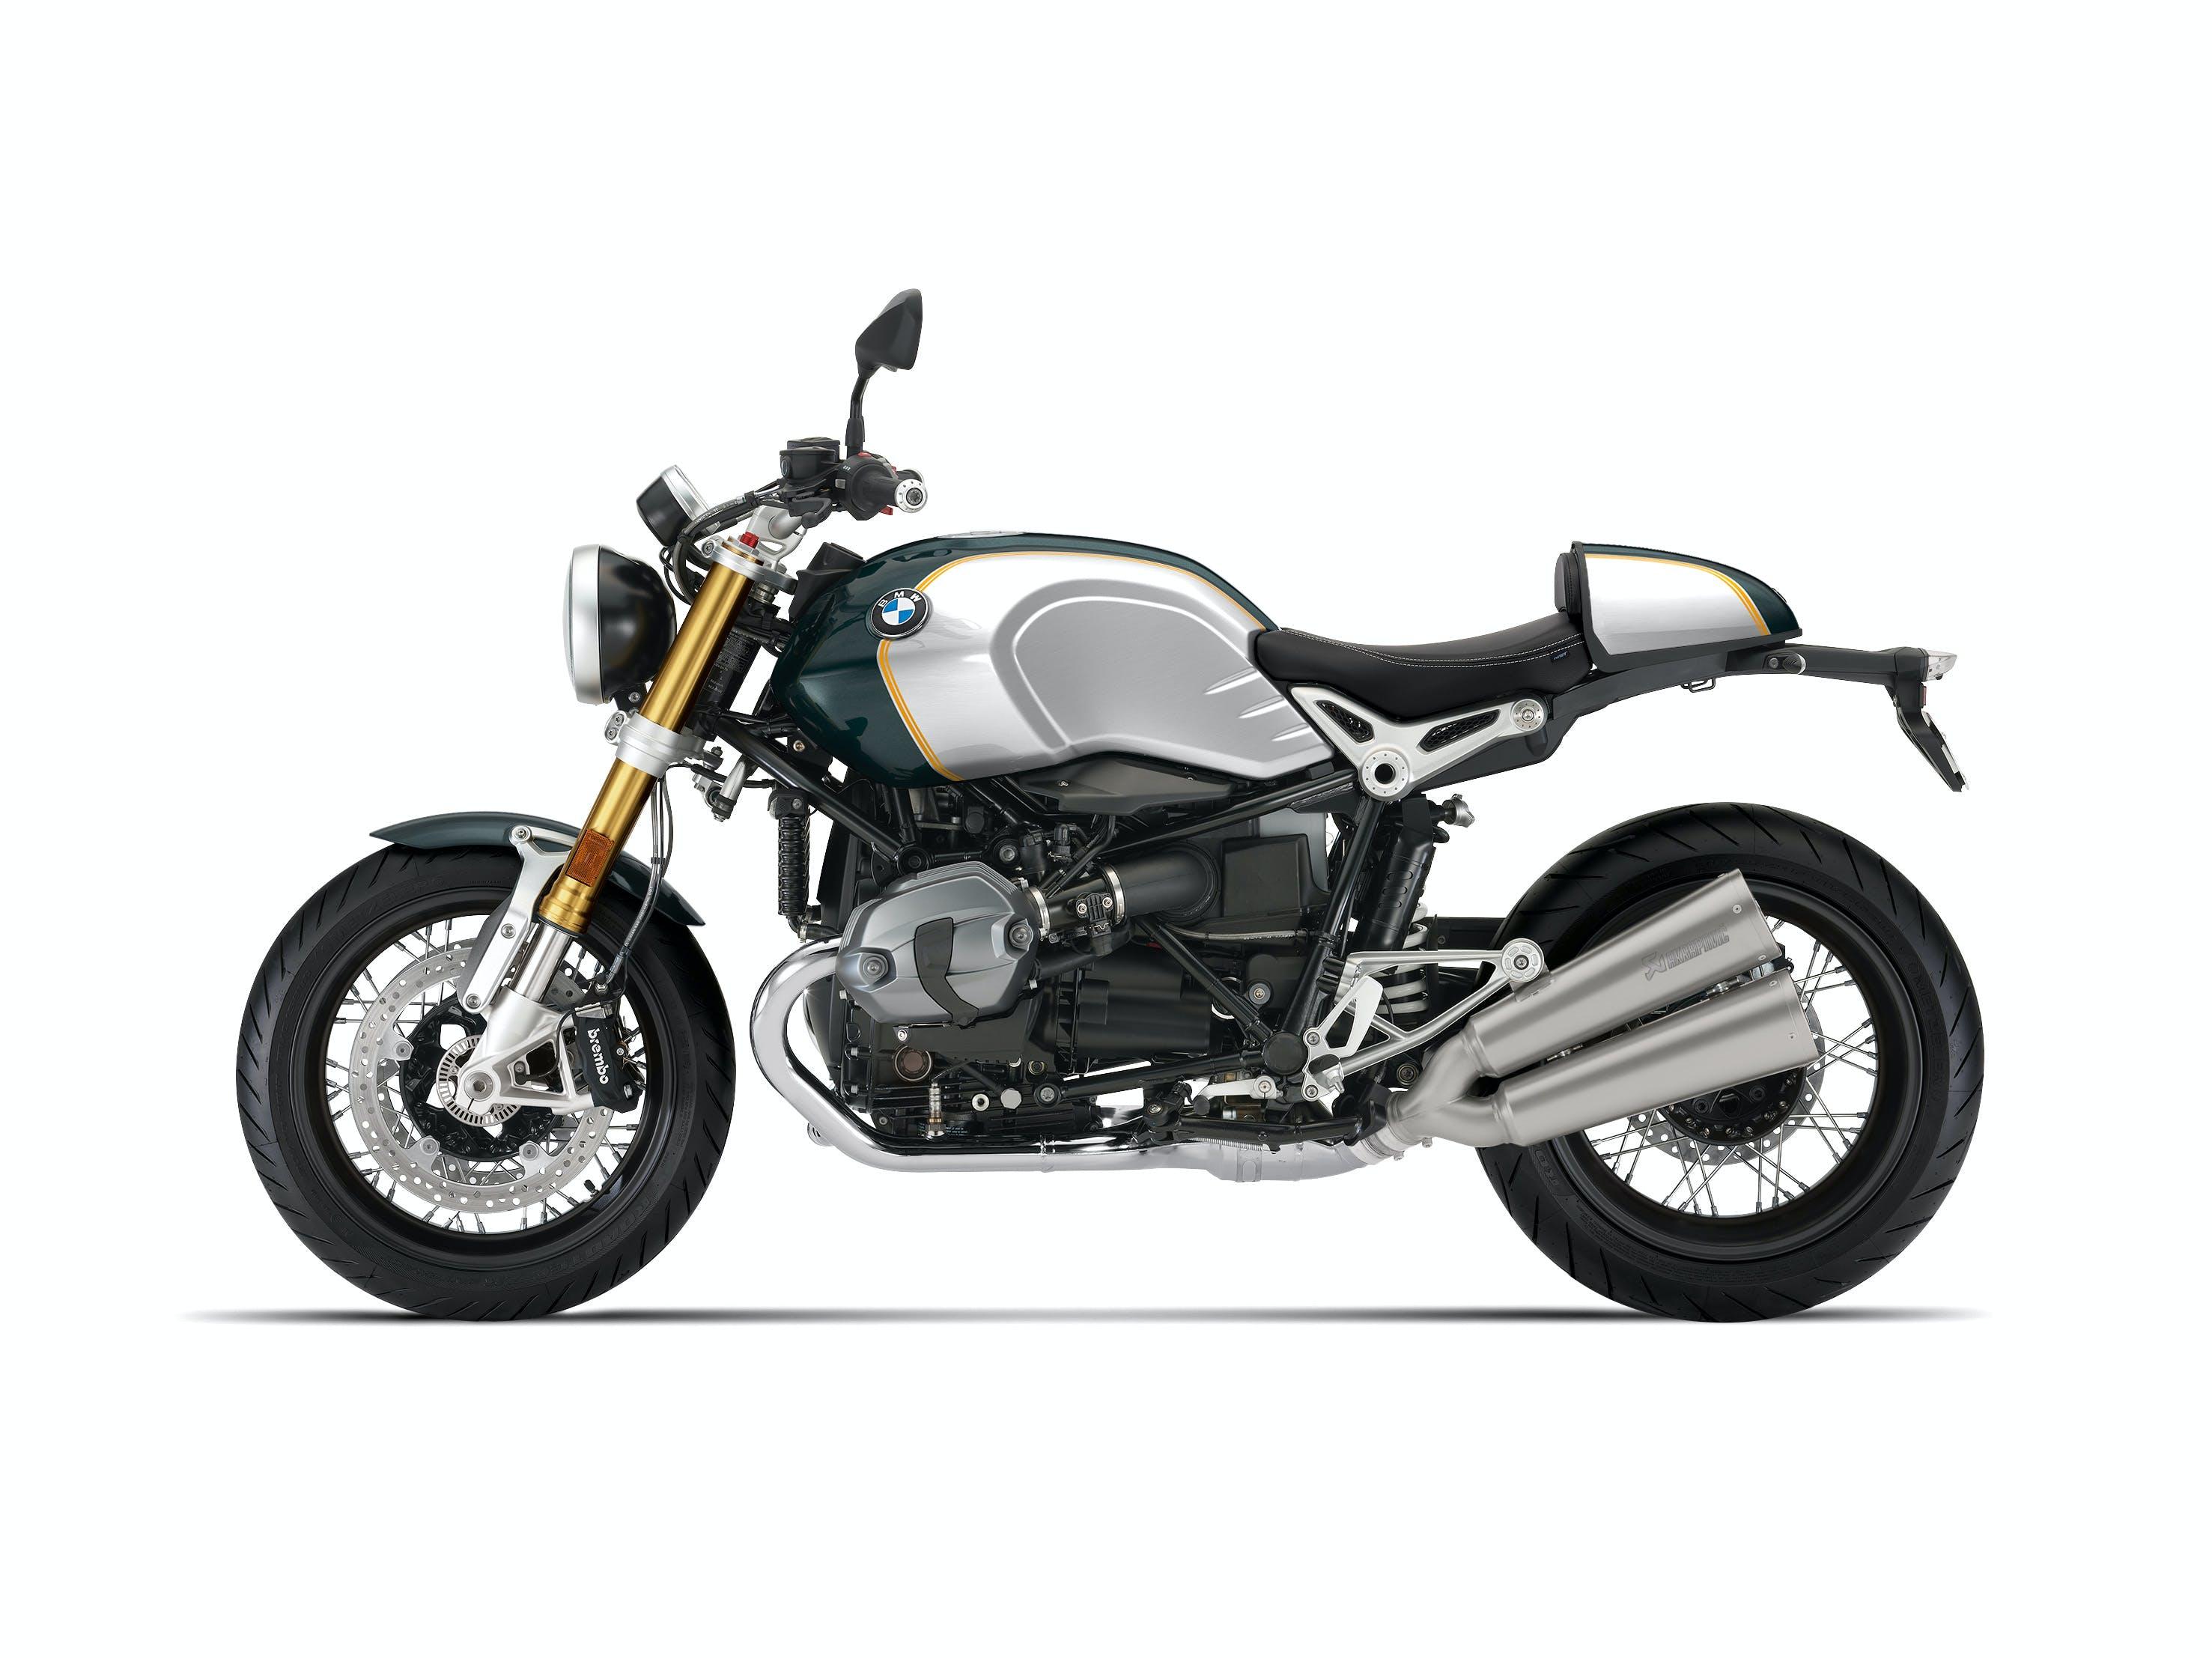 BMW R NINET SPEZIAL in opt 719 pollux metallic / aluminium colour